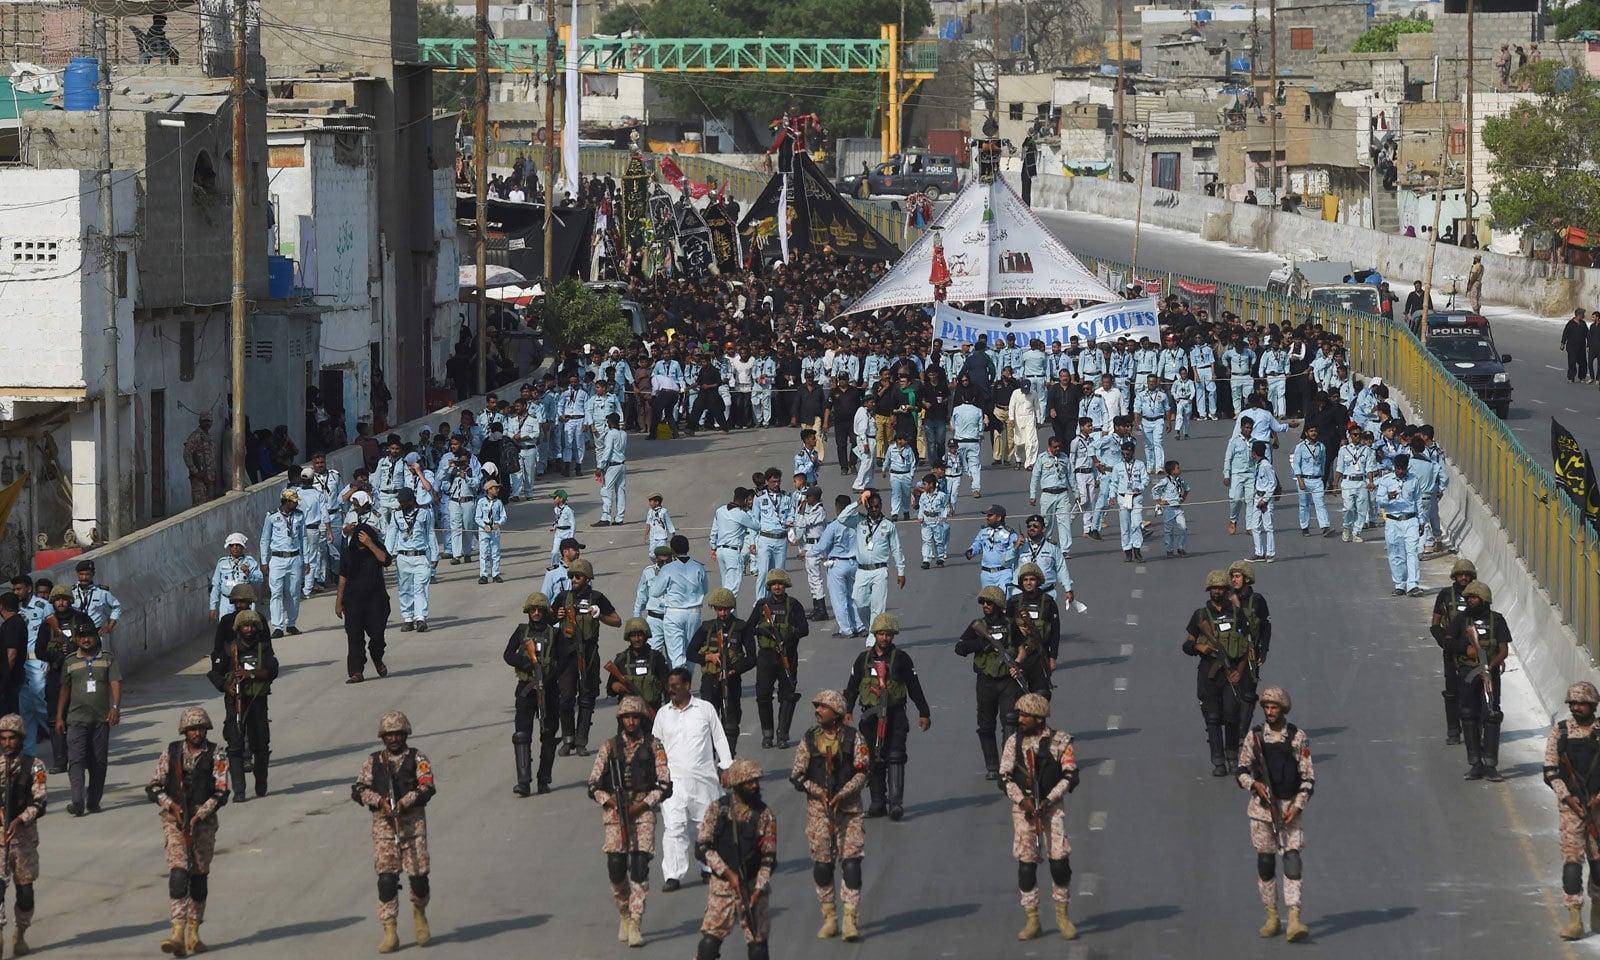 کراچی میں 9محرم الحرام کا جلوس قانون نافذ کرنے والے اداروں کے حفاظتی حصار میں آگے بڑھ رہا ہے— فوٹو: اے ایف پی